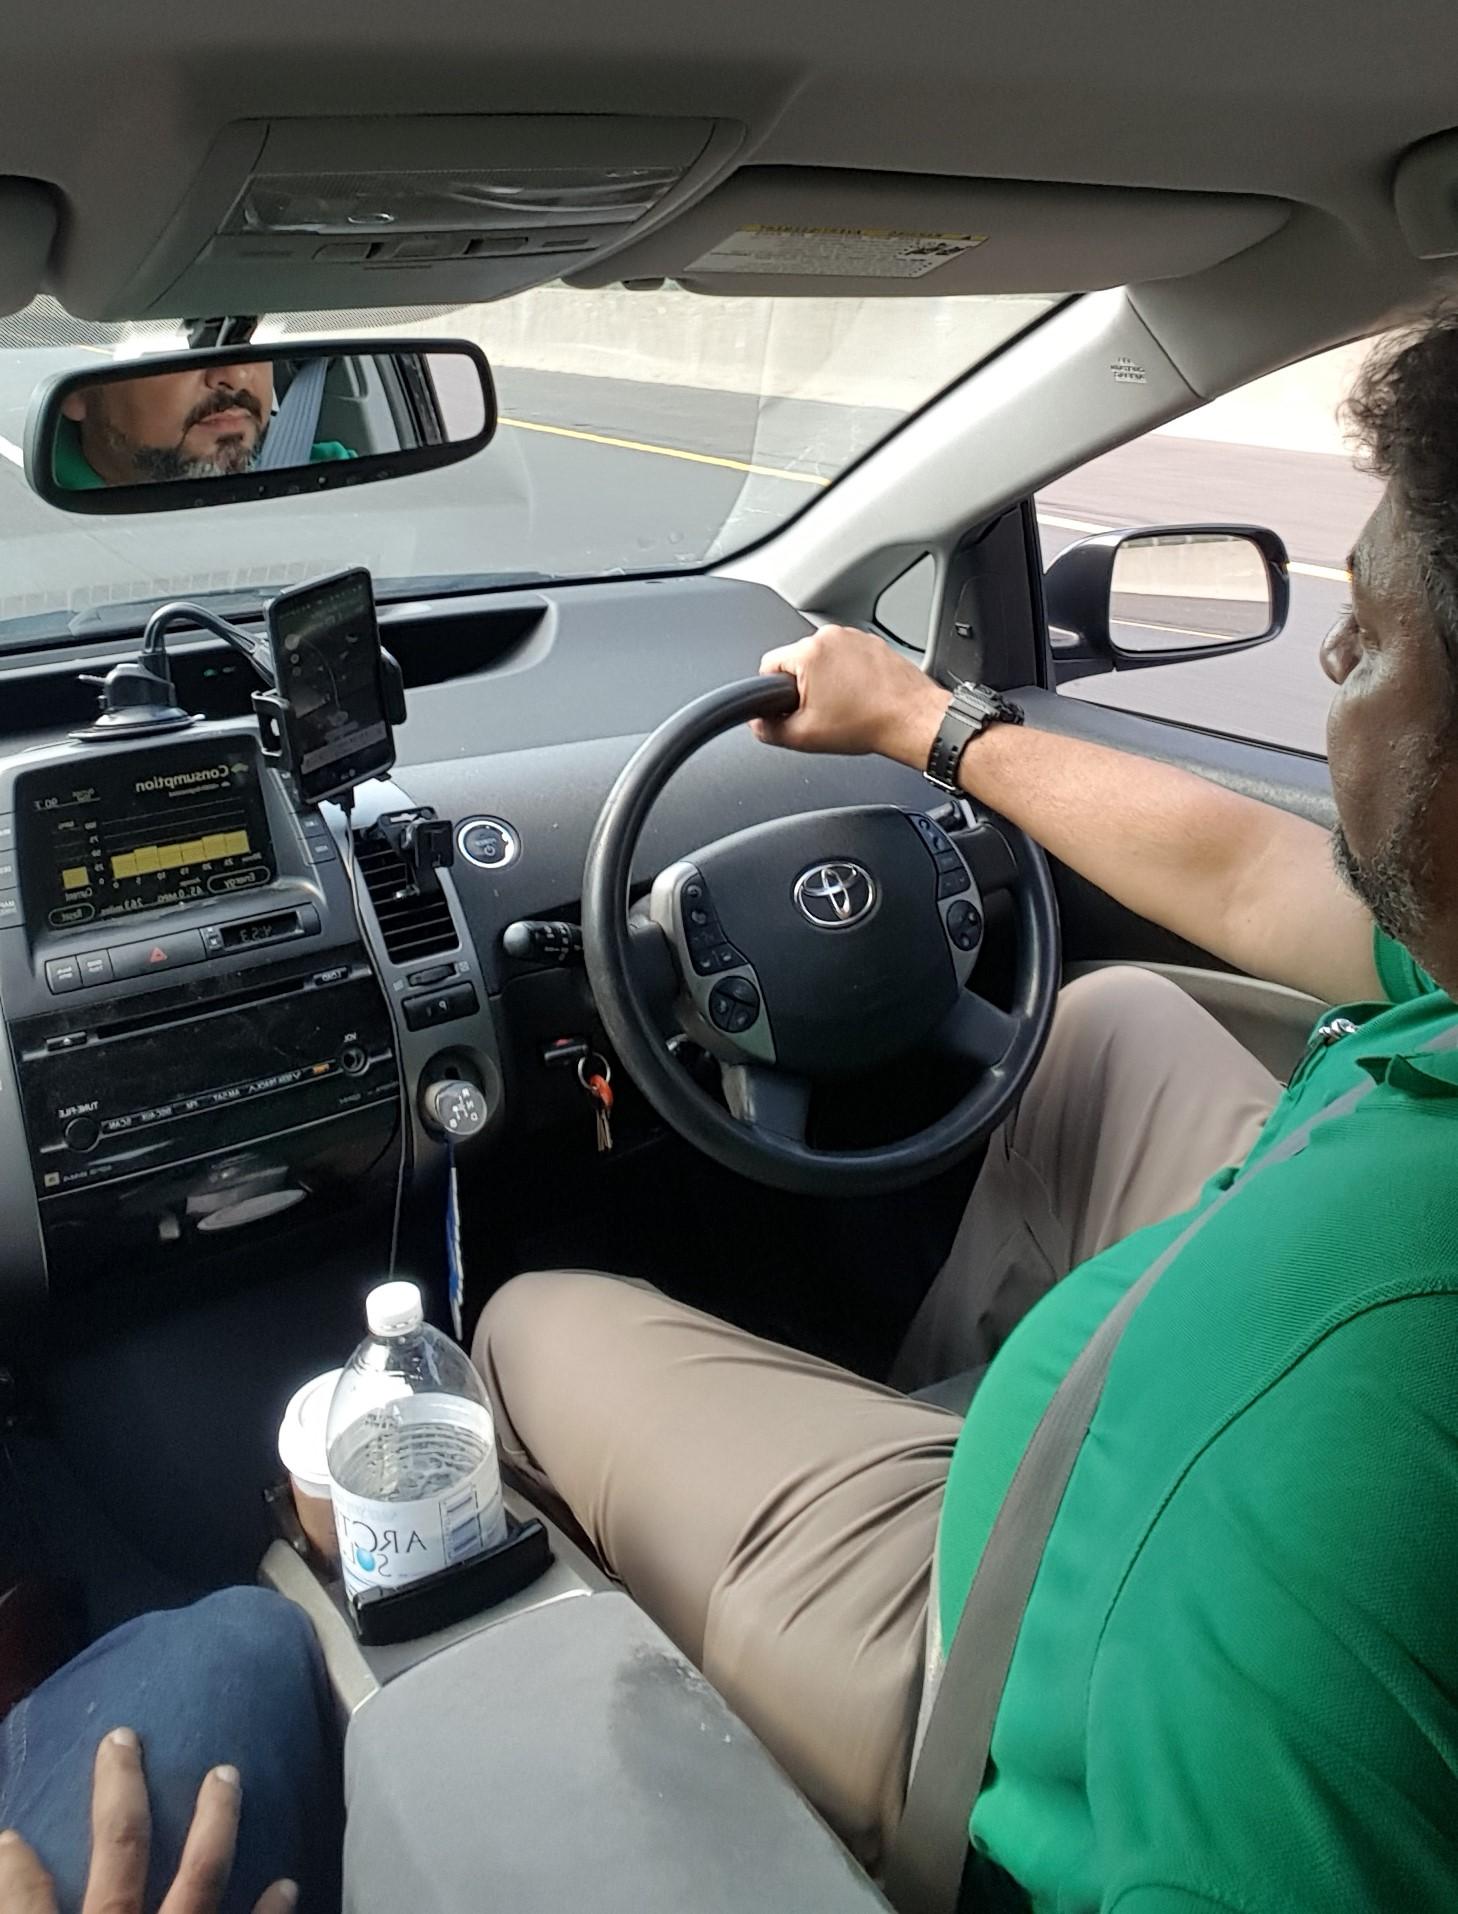 Zorin driving his car in a roadtrip